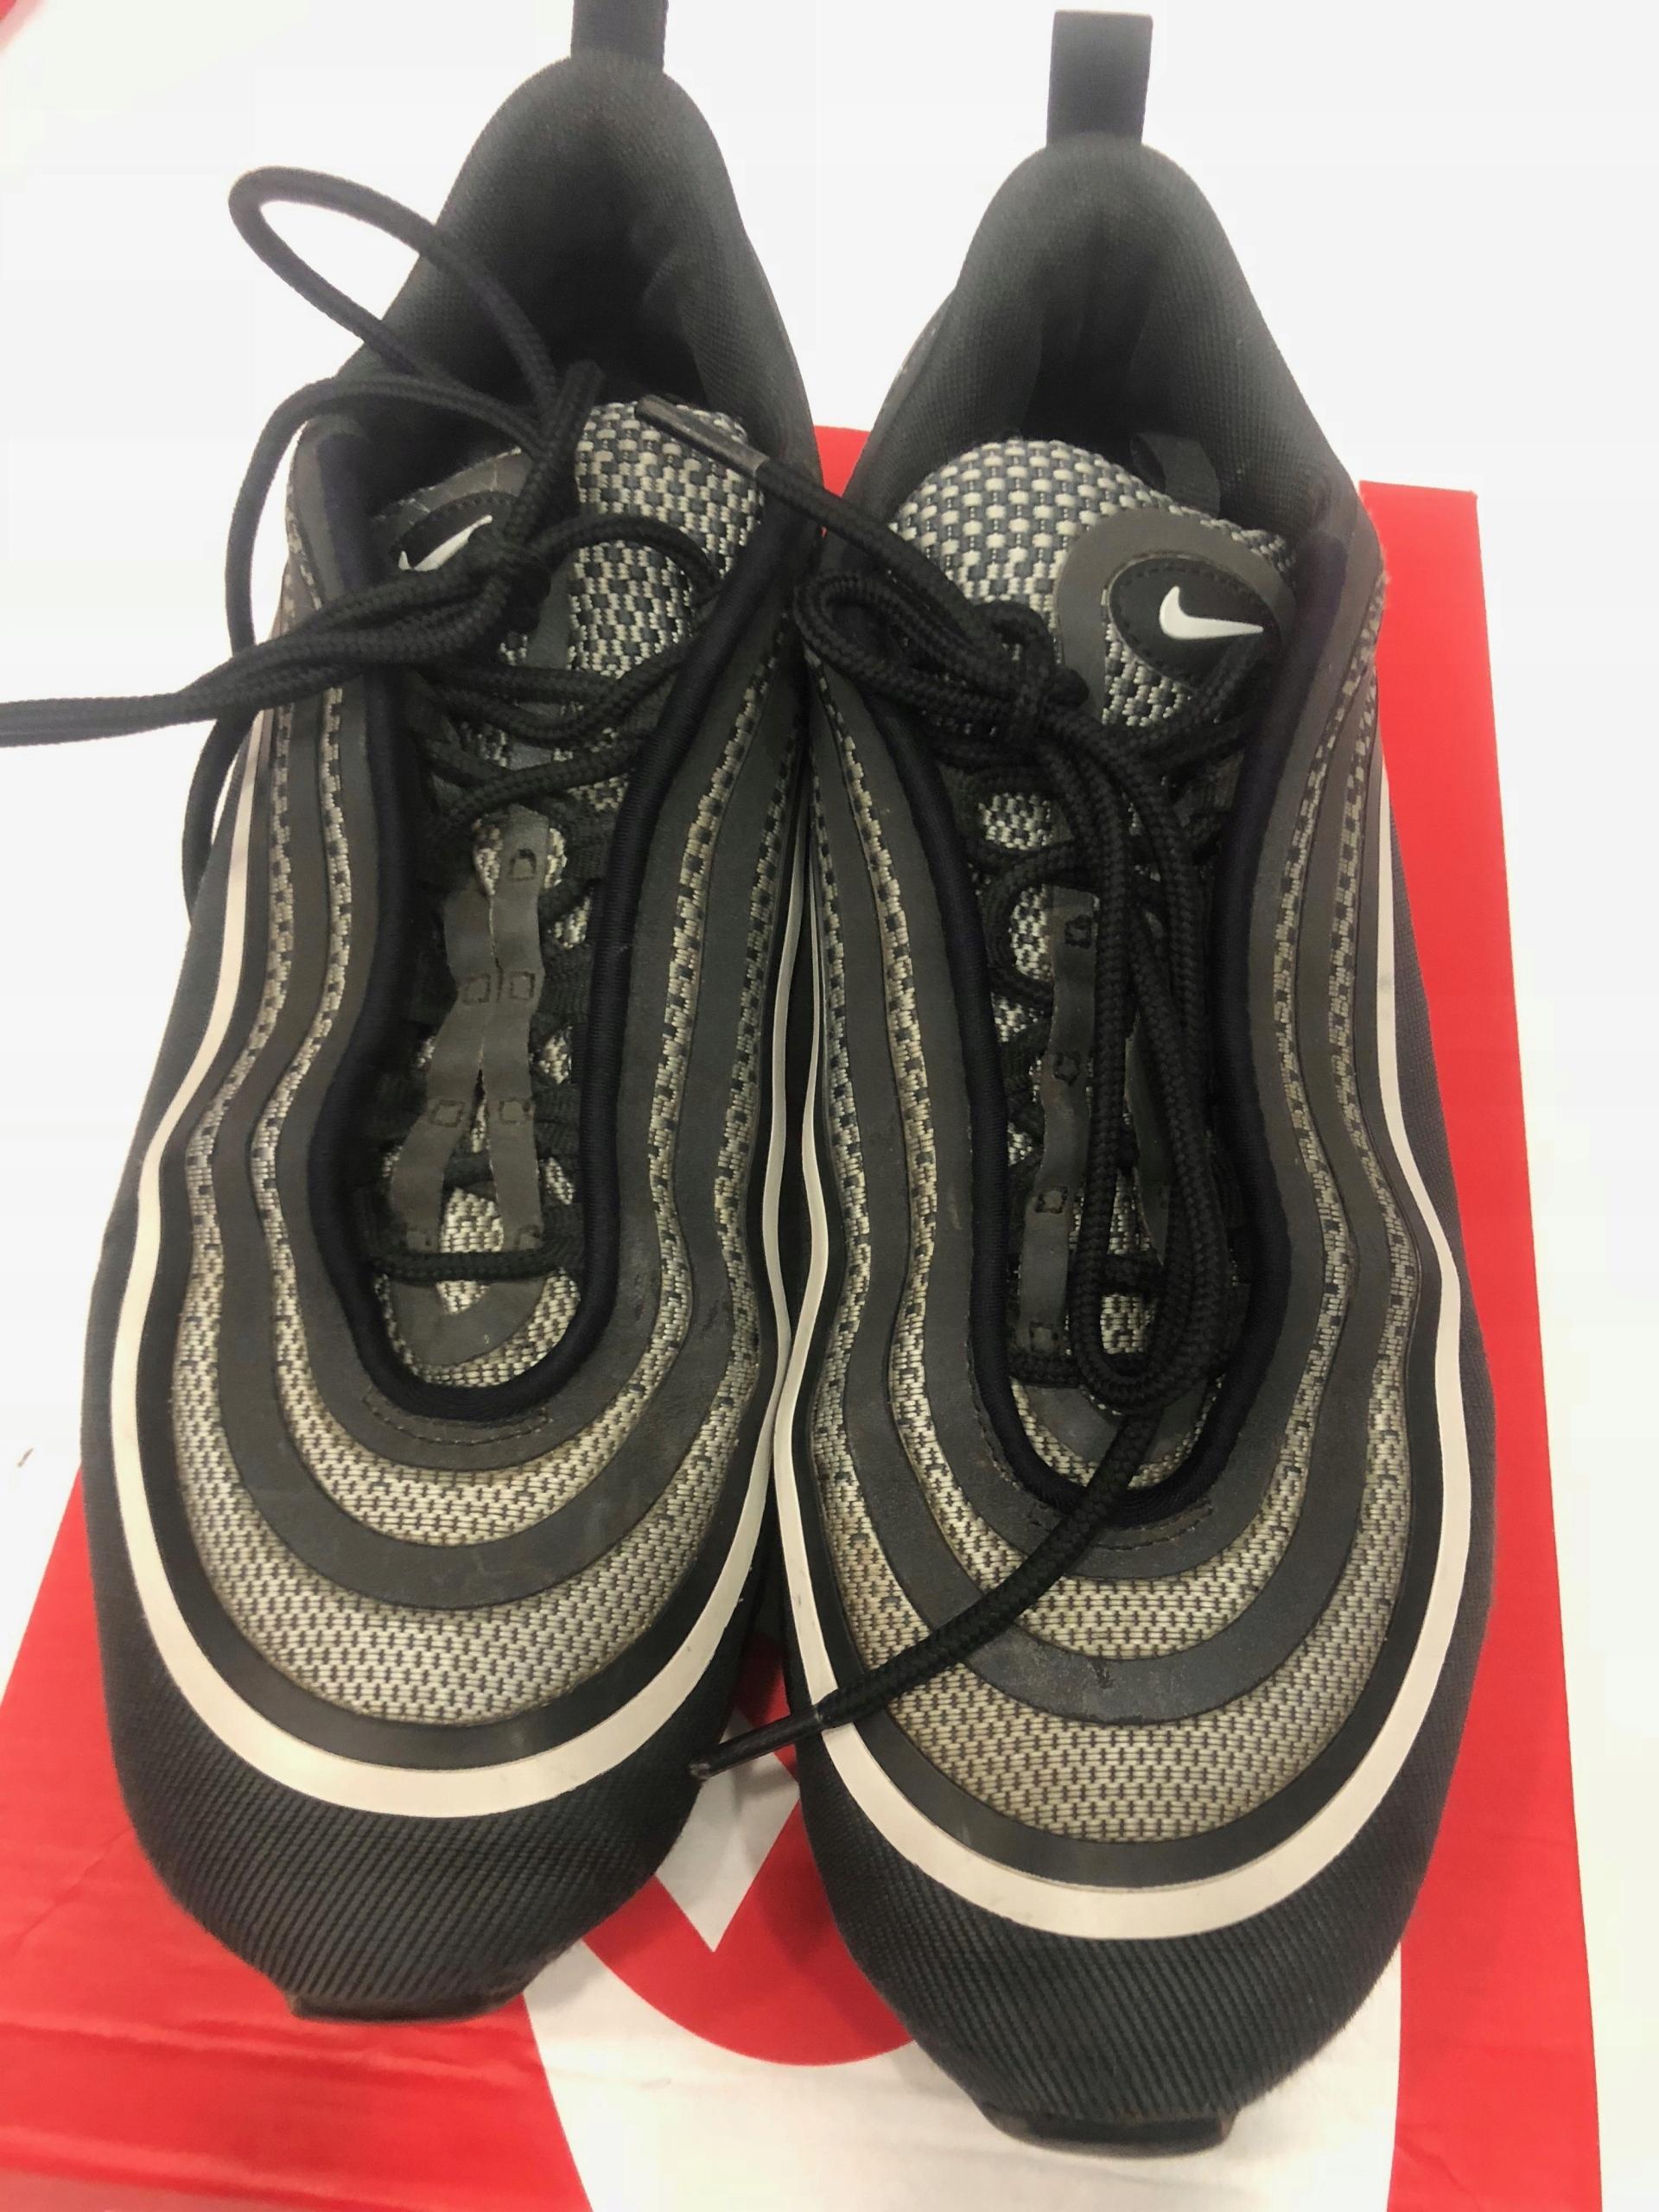 Buty Nike Air Max 97 UL'17 r. 42,5 UŻYWANE